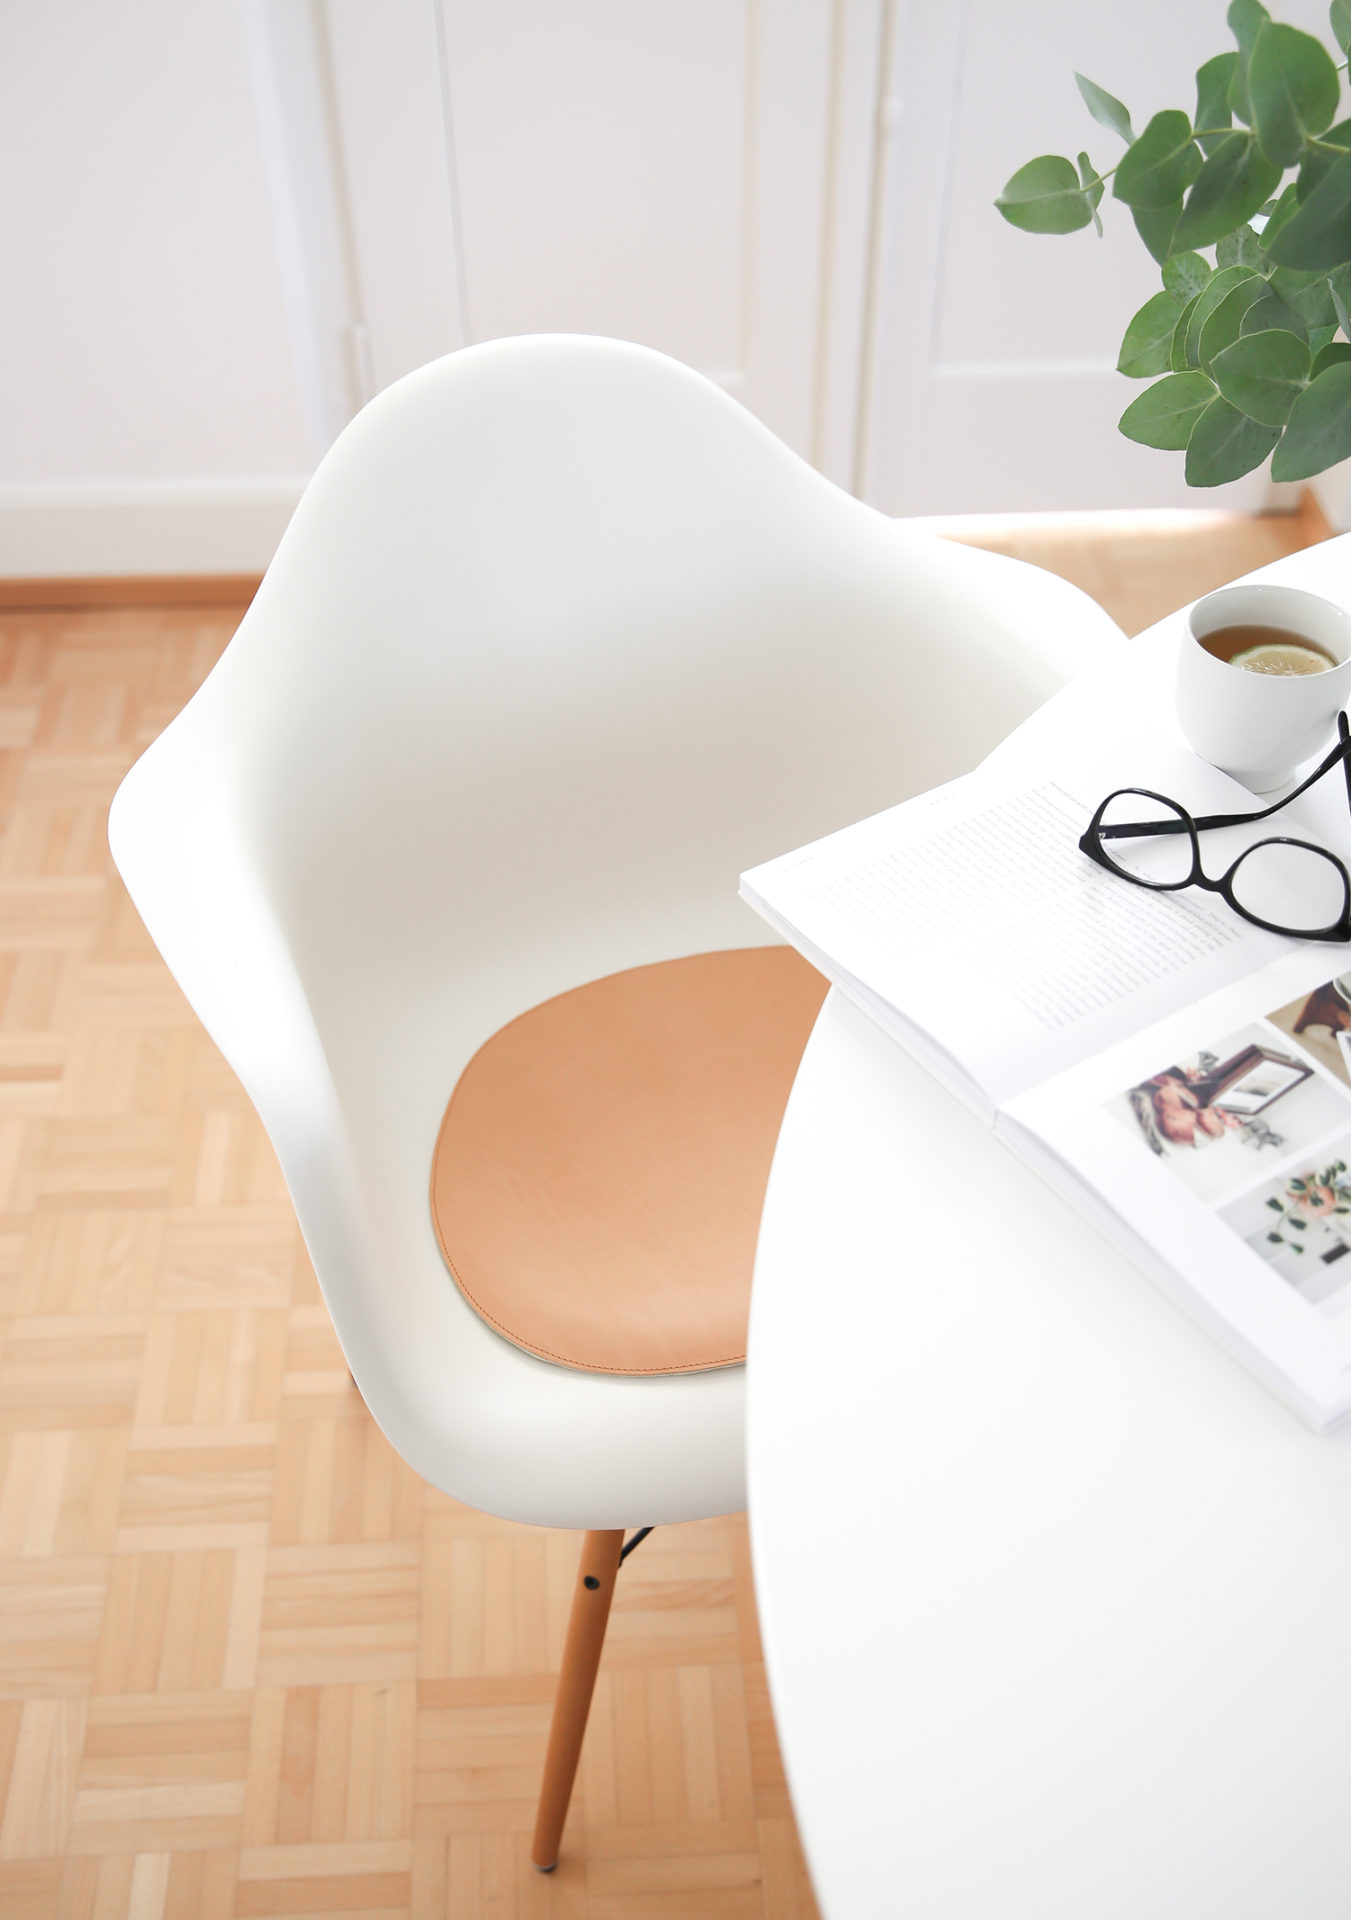 ... Passen Zudem Perfekt Zum Zeitlosen Design Der Vitra Klassiker. Und  Zufällig Passen Sie Auch Noch Auf Meine Neuen Stühle Von Søstrene Grene.  Toll Nicht?